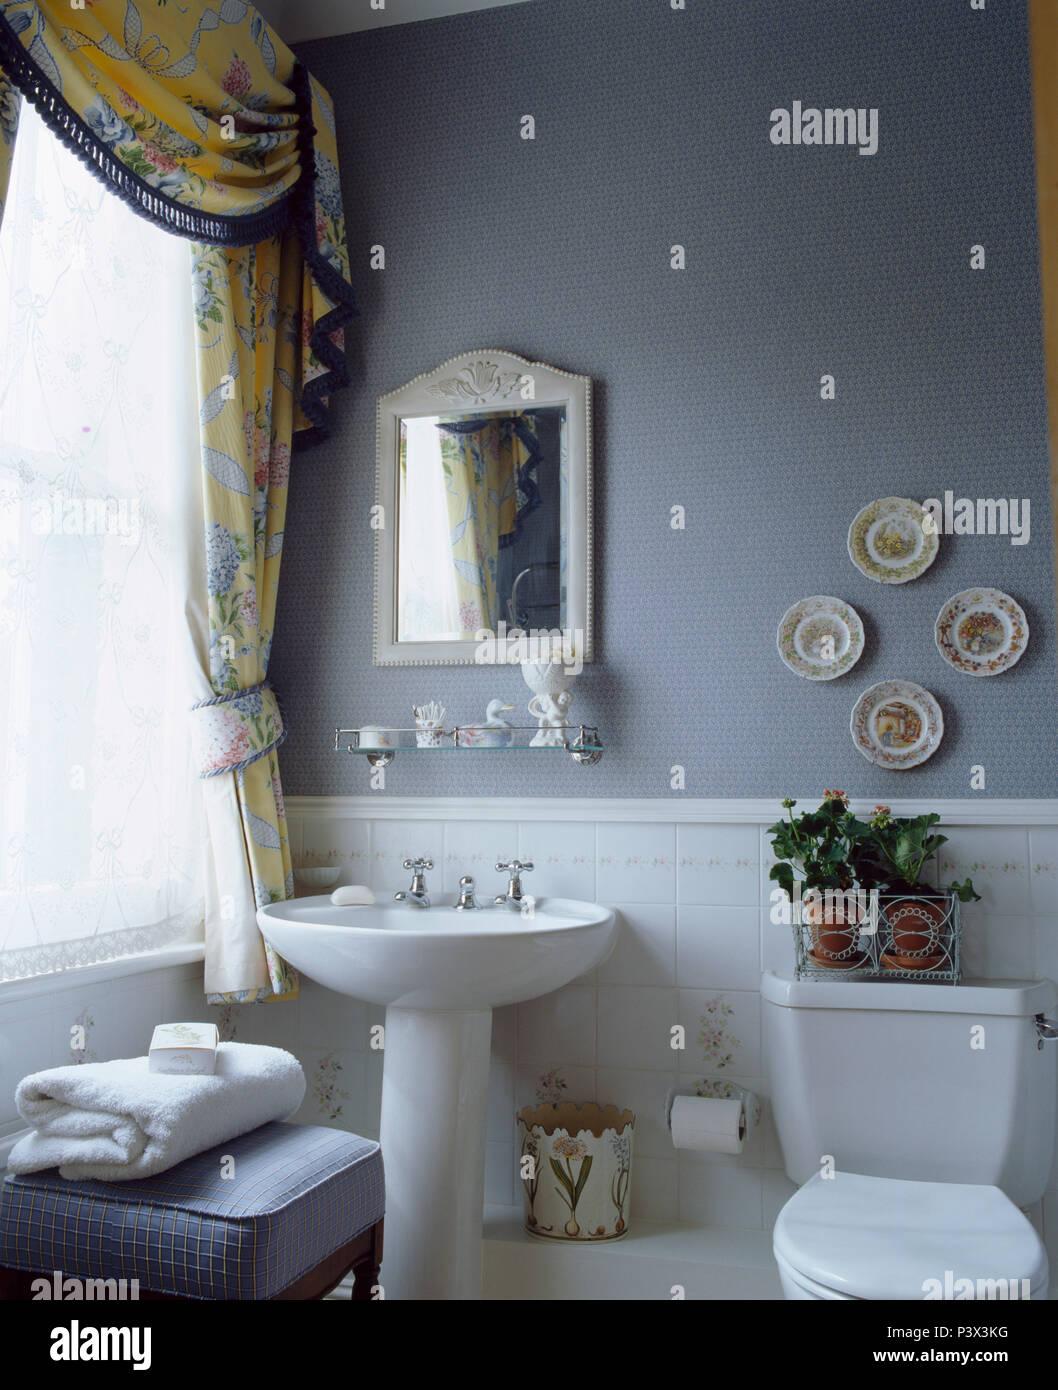 Miroir Encadr De Blanc Au Dessus Du Bassin Du Blanc Dans Une Salle